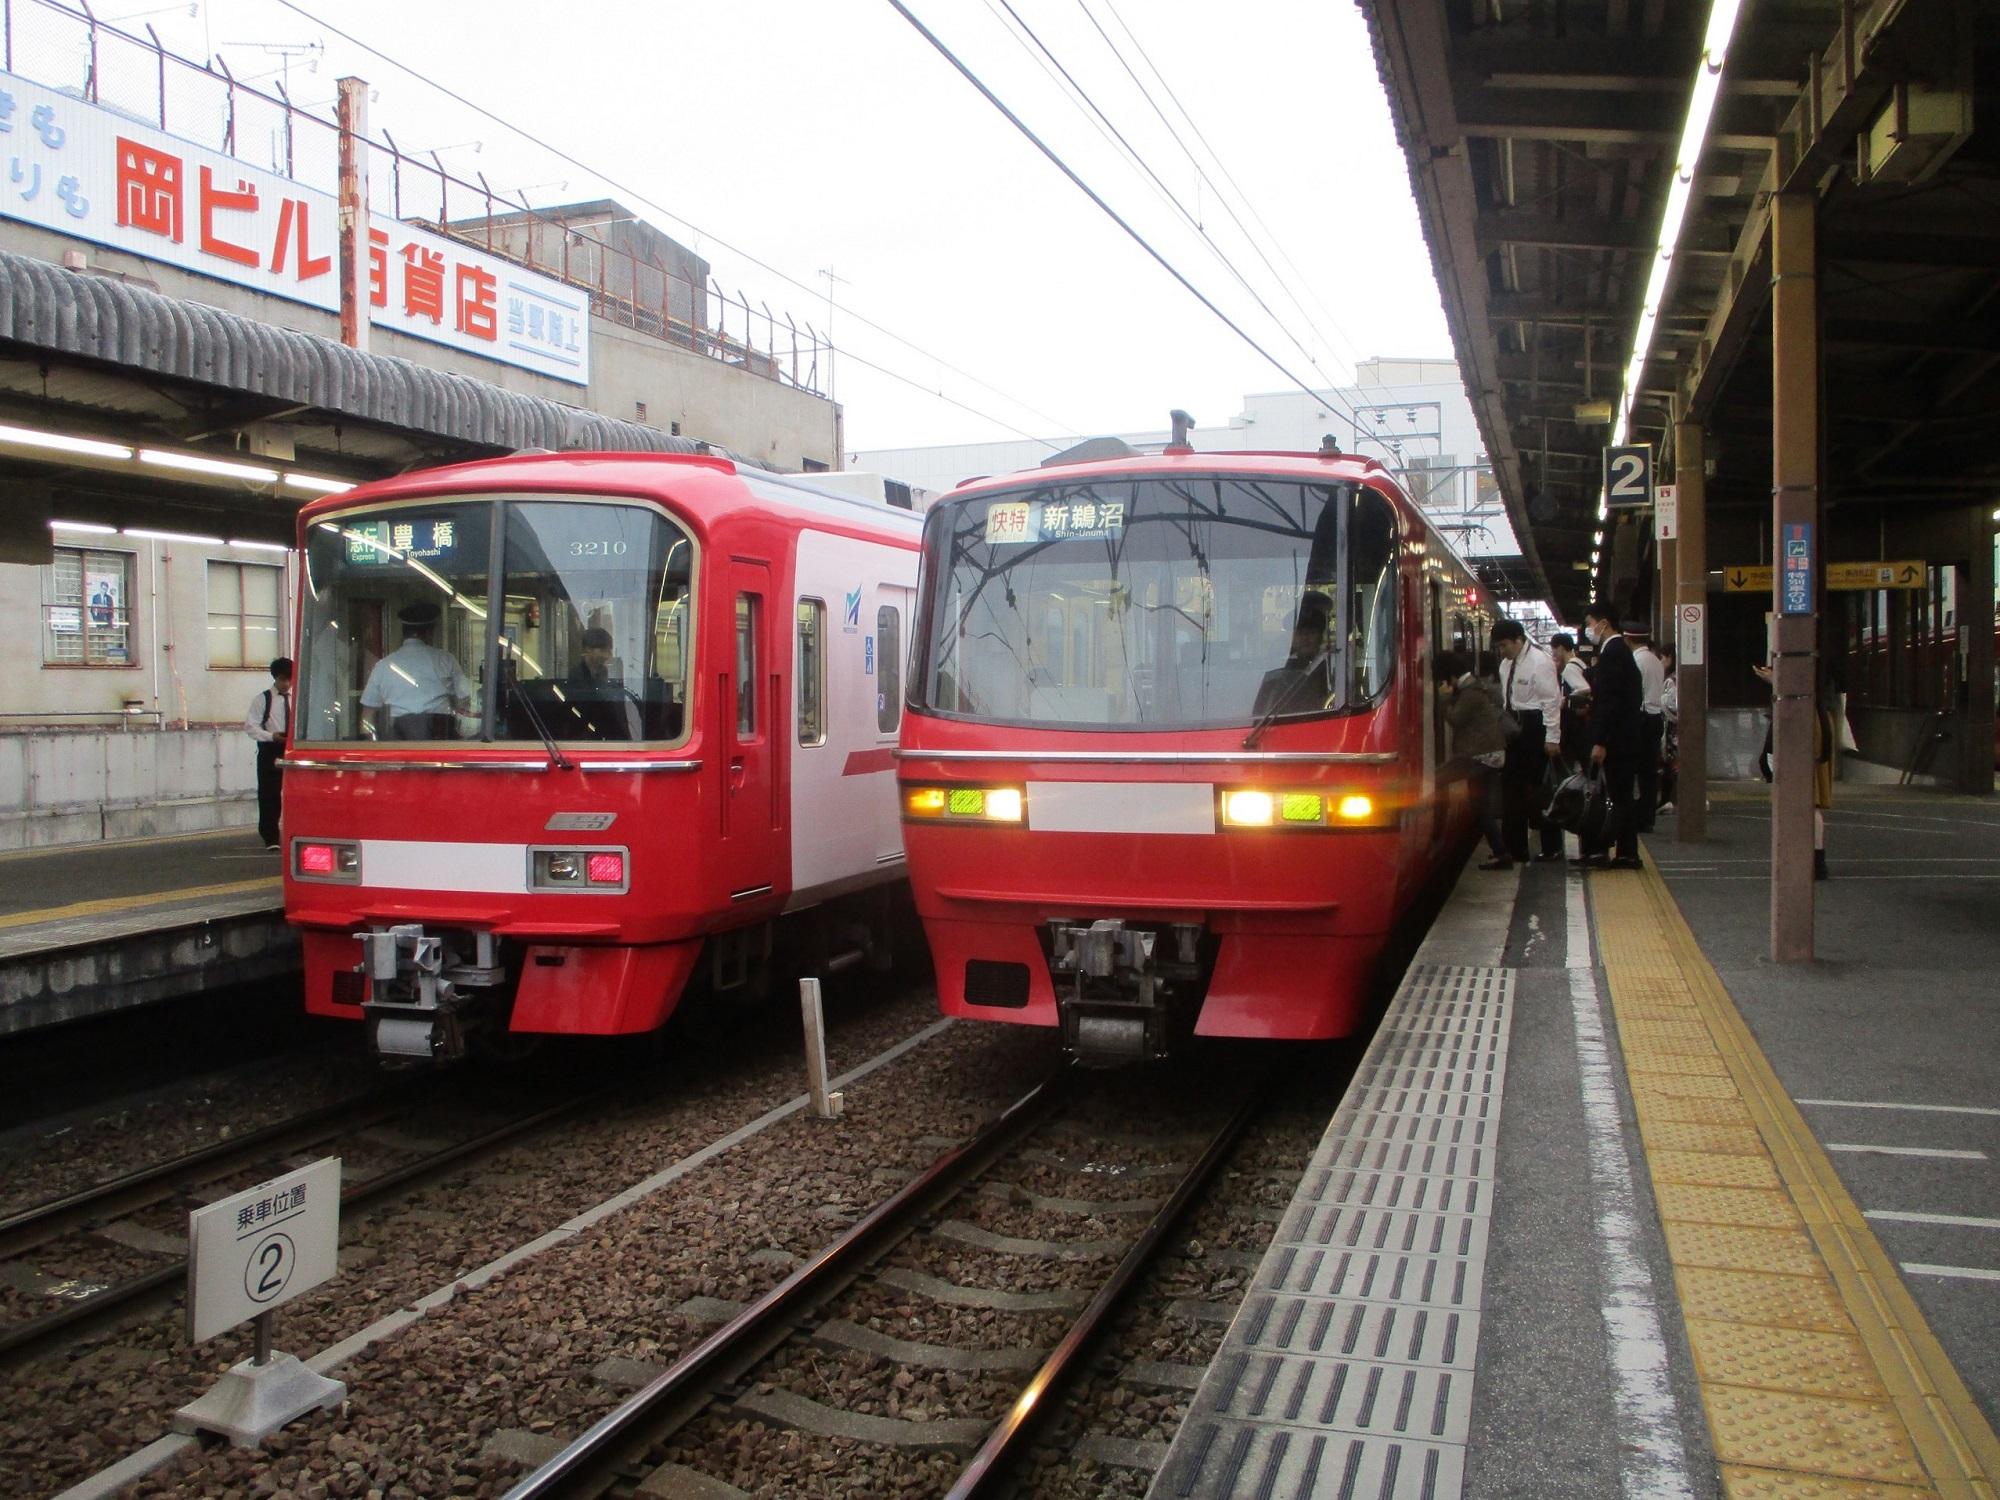 2019.10.17 (21) 東岡崎 - 新鵜沼いき快速特急 2000-1500